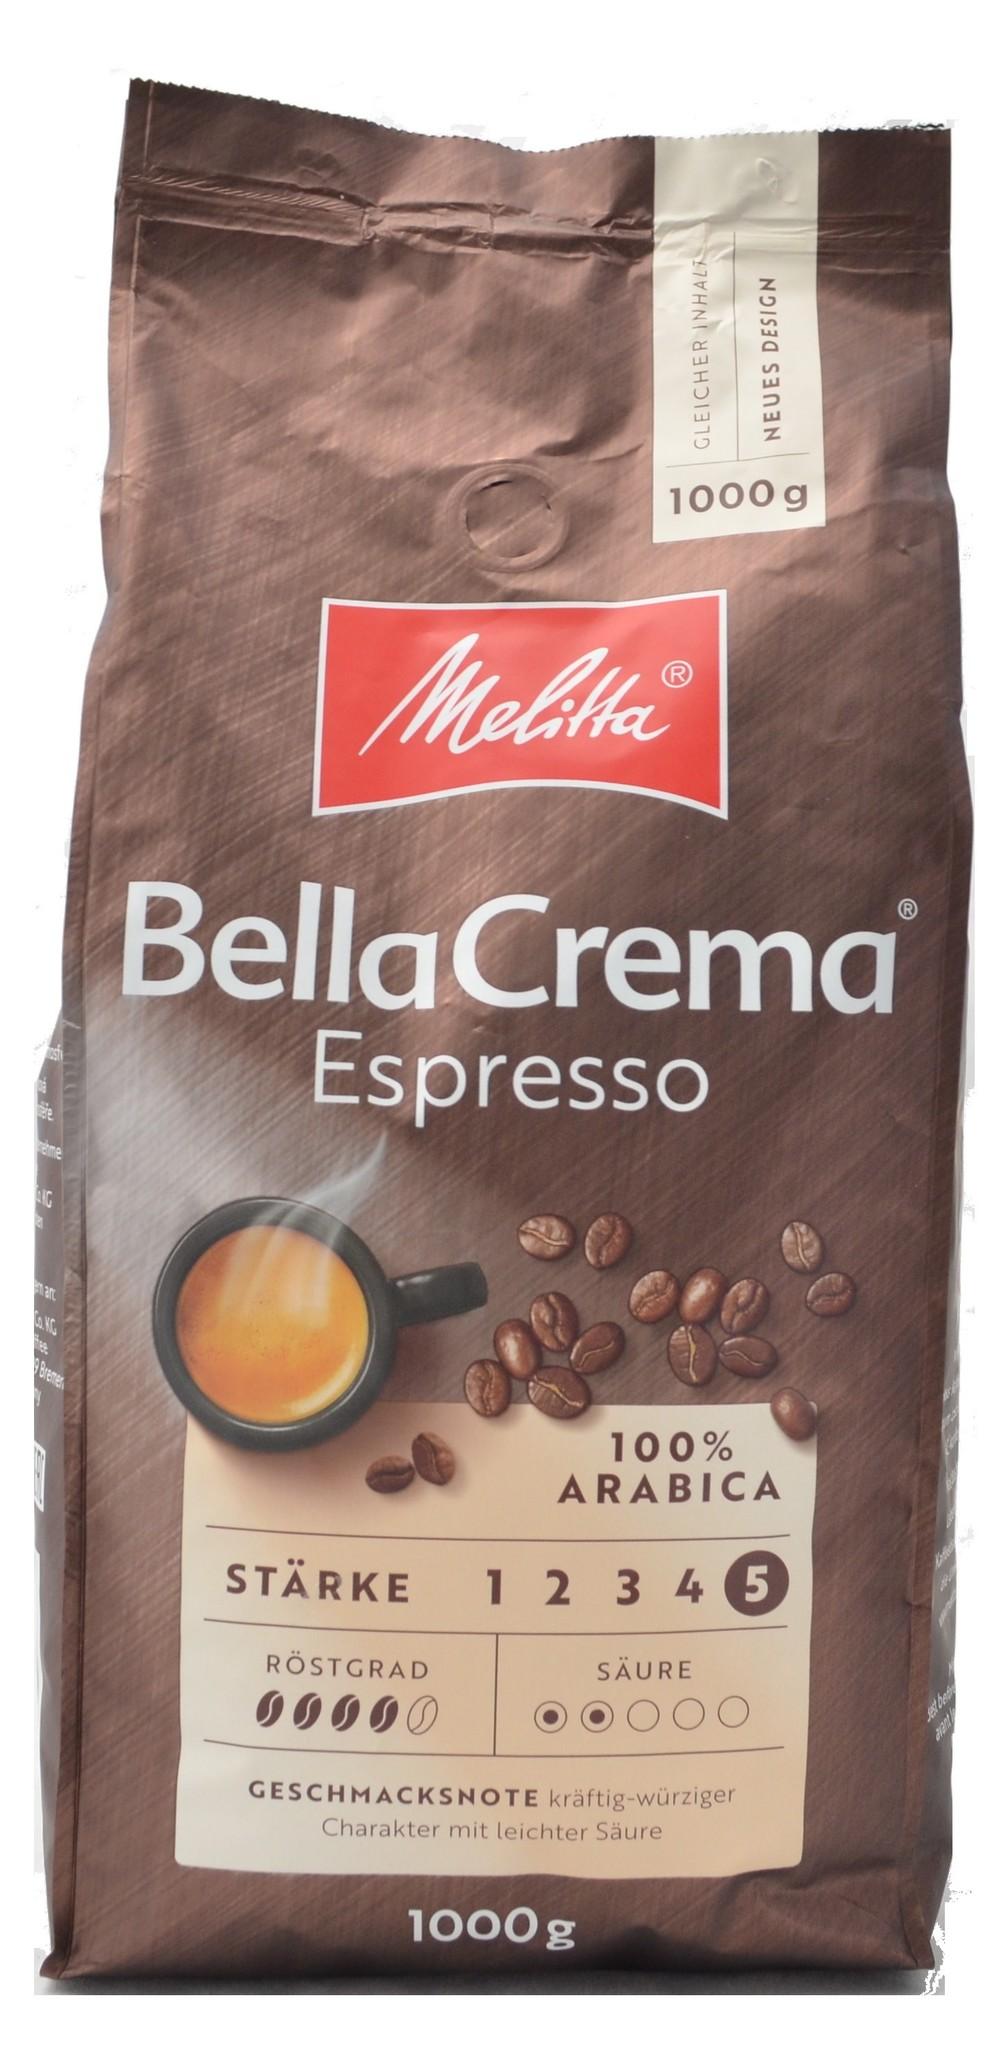 Melitta Bellacrema Espresso Bohnen 1 kg ab € 8.27